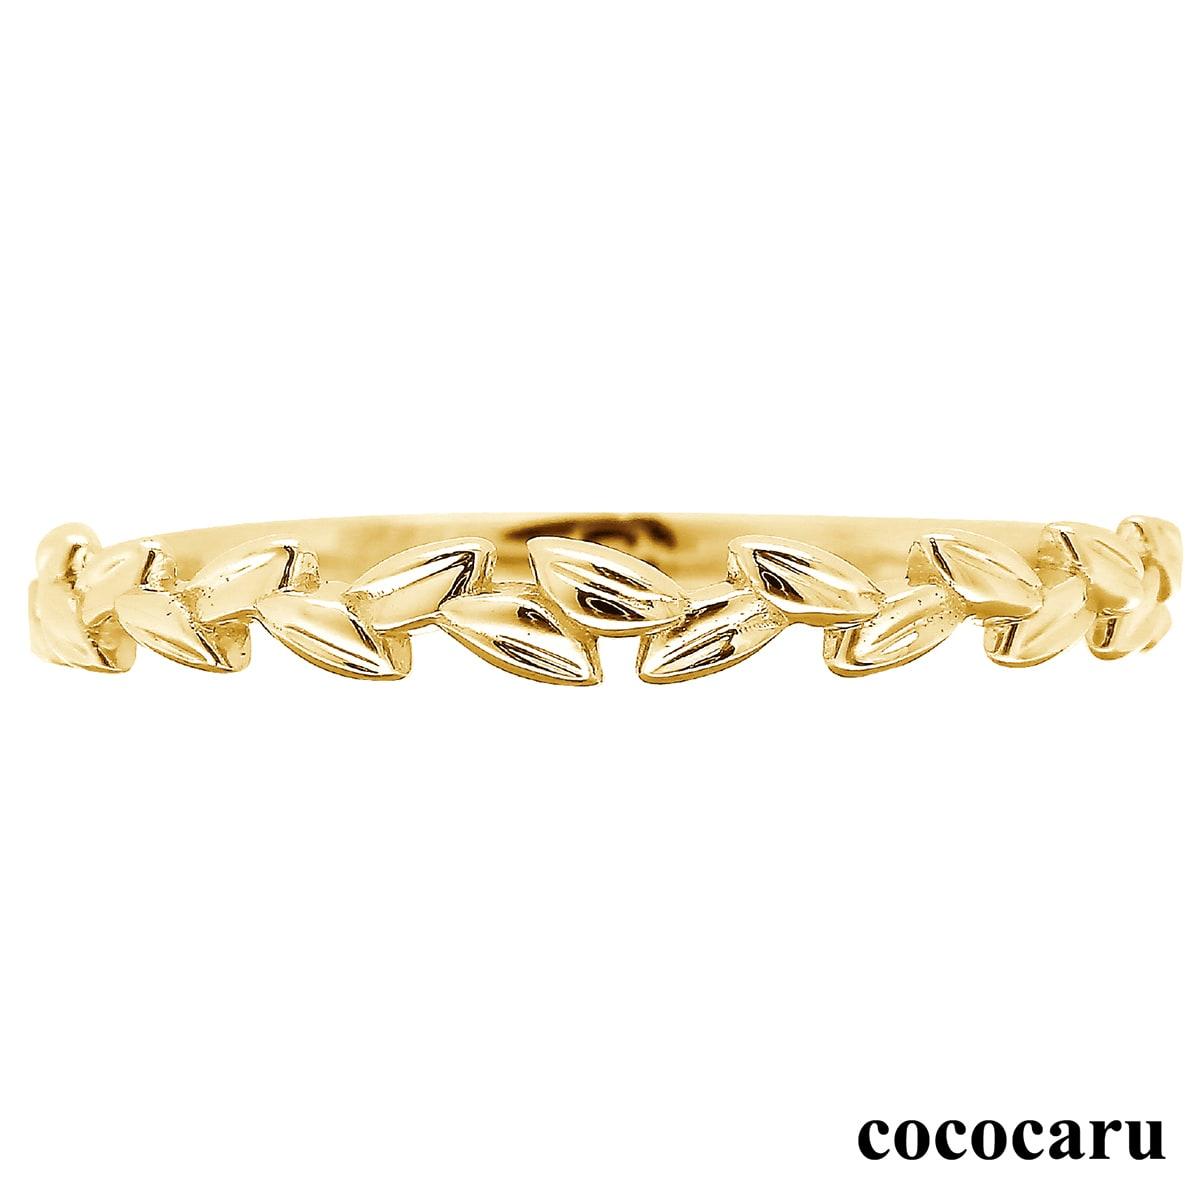 地金 リング k10 イエローゴールド/ホワイトゴールド/ピンクゴールド ファッションリング 品質保証書 金属アレルギー 日本製 成人祝い